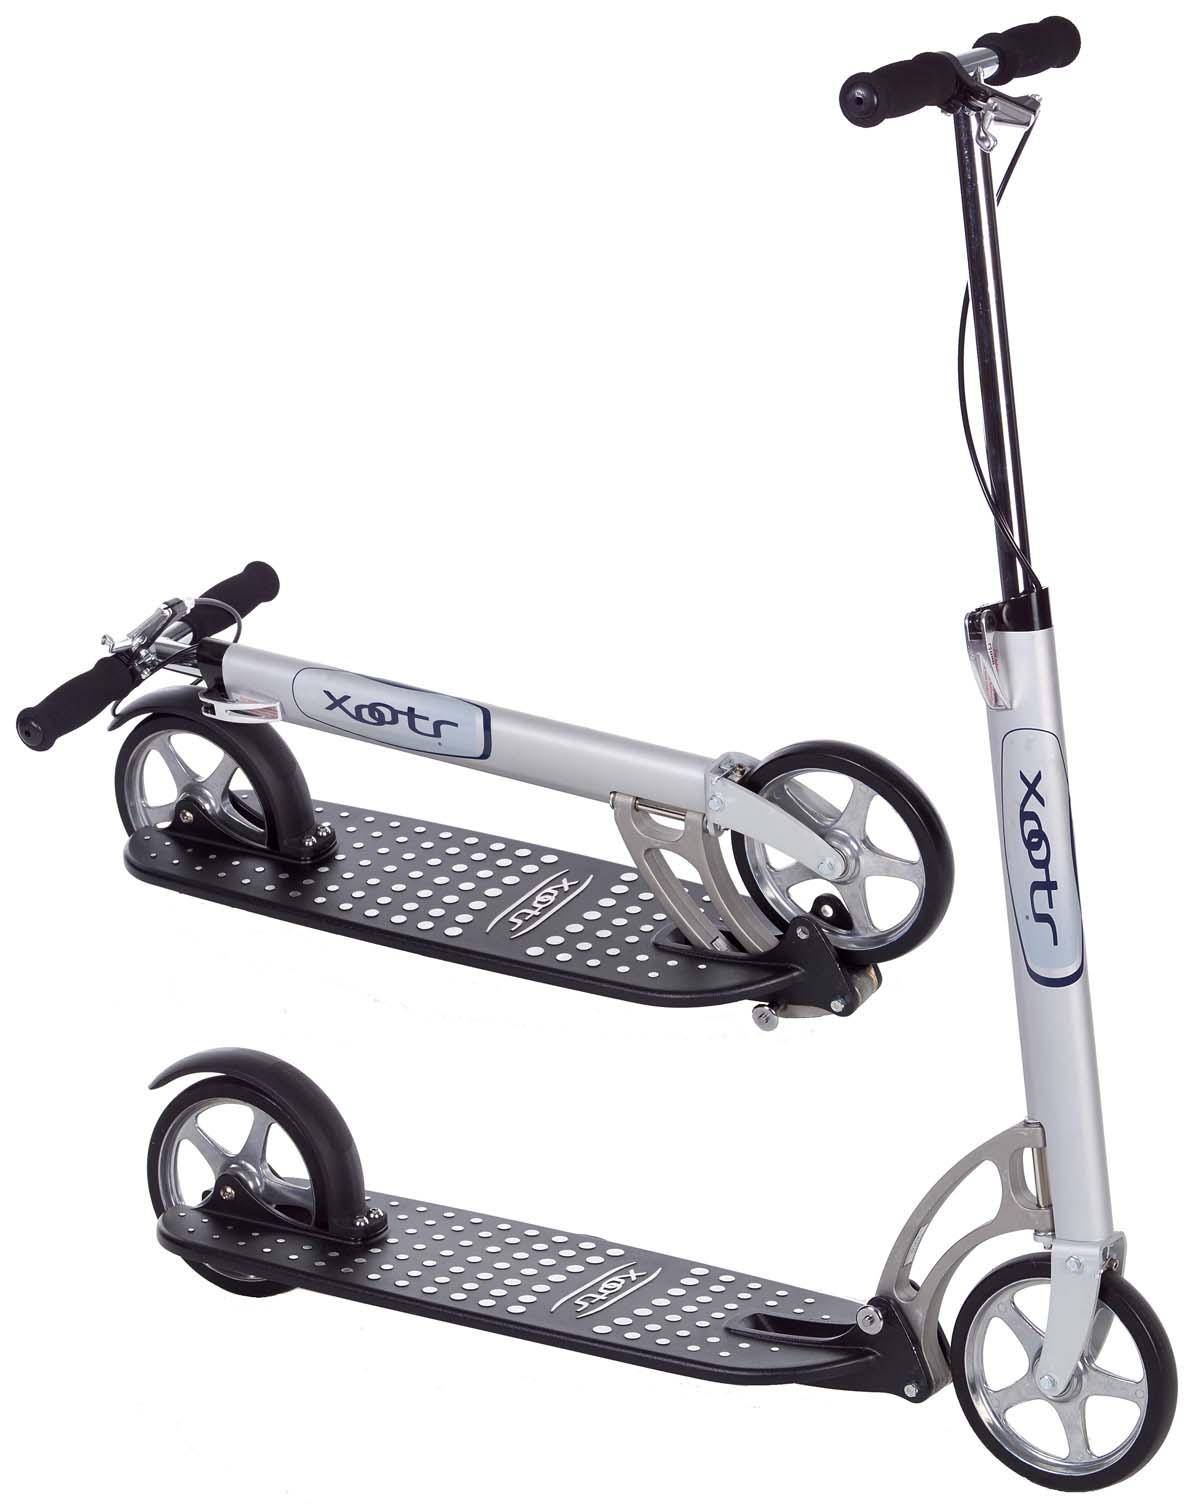 c1bc0c3eb71c Roller: A roller tökéletes közlekedési eszköz kisebb távok megtételére,  gyors, hangtalan és fordulékony. használata pofon egyszerű, nem kell  tanulni, elég, ...